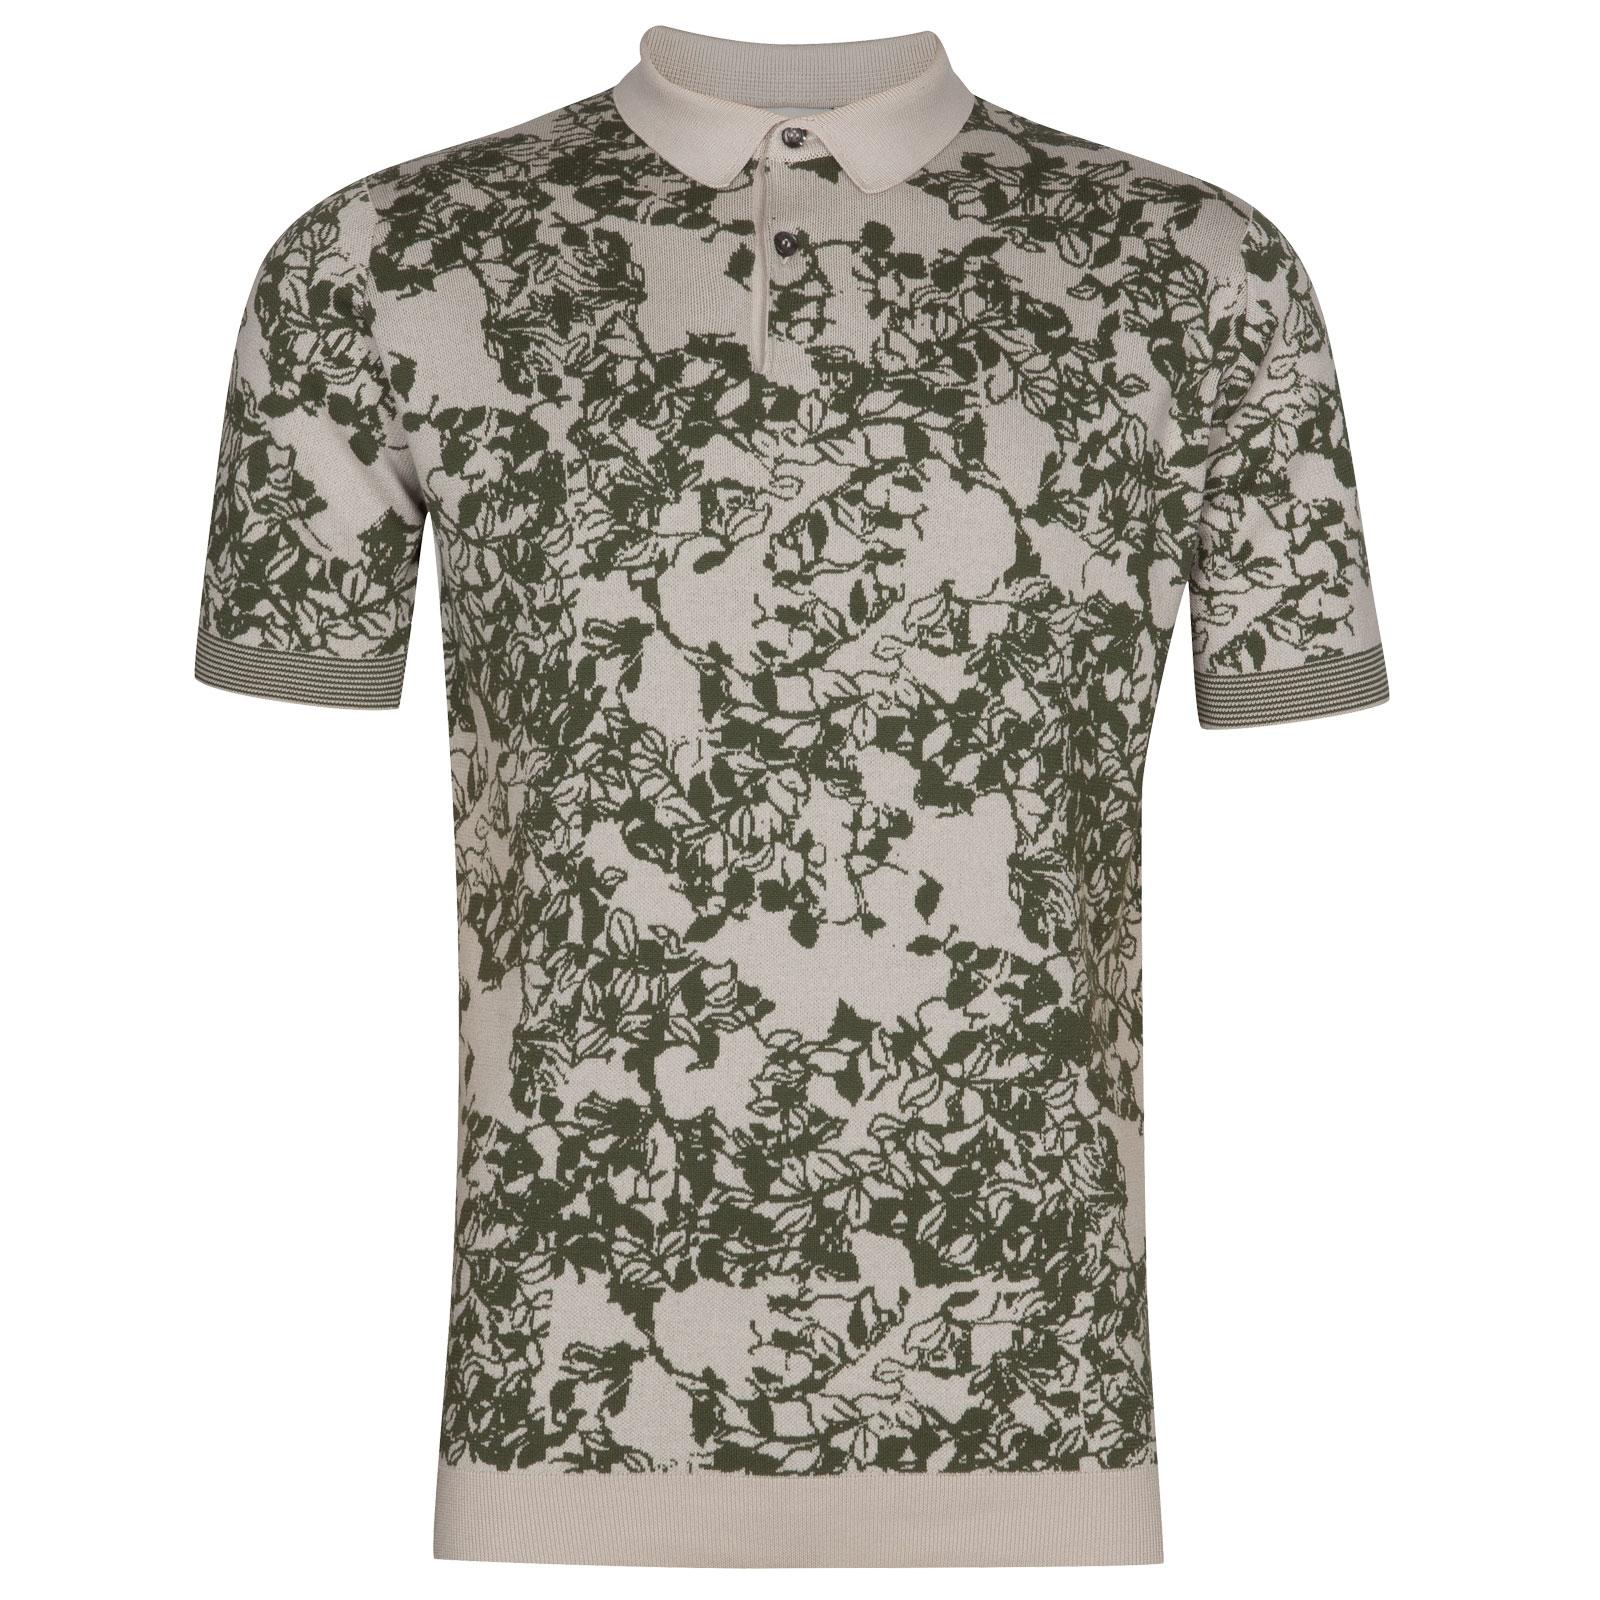 John Smedley Fyn in Brunel Beige Shirt-XLG